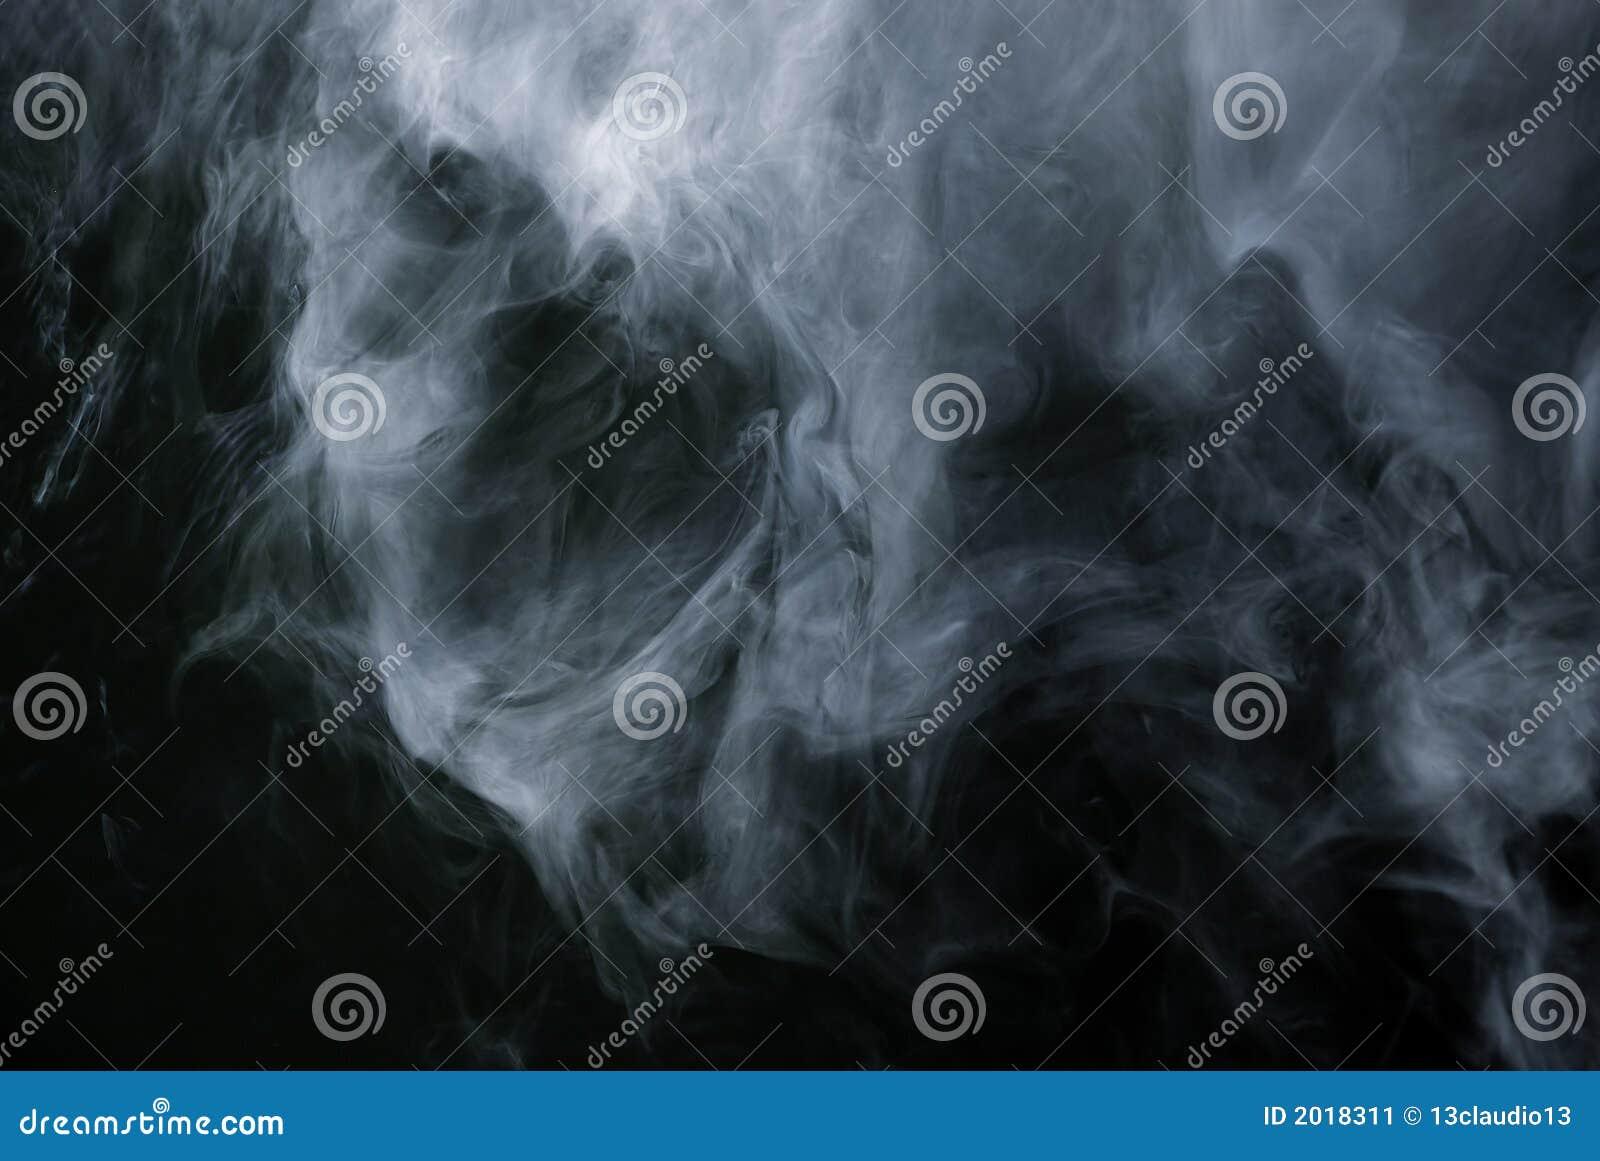 череп привидения